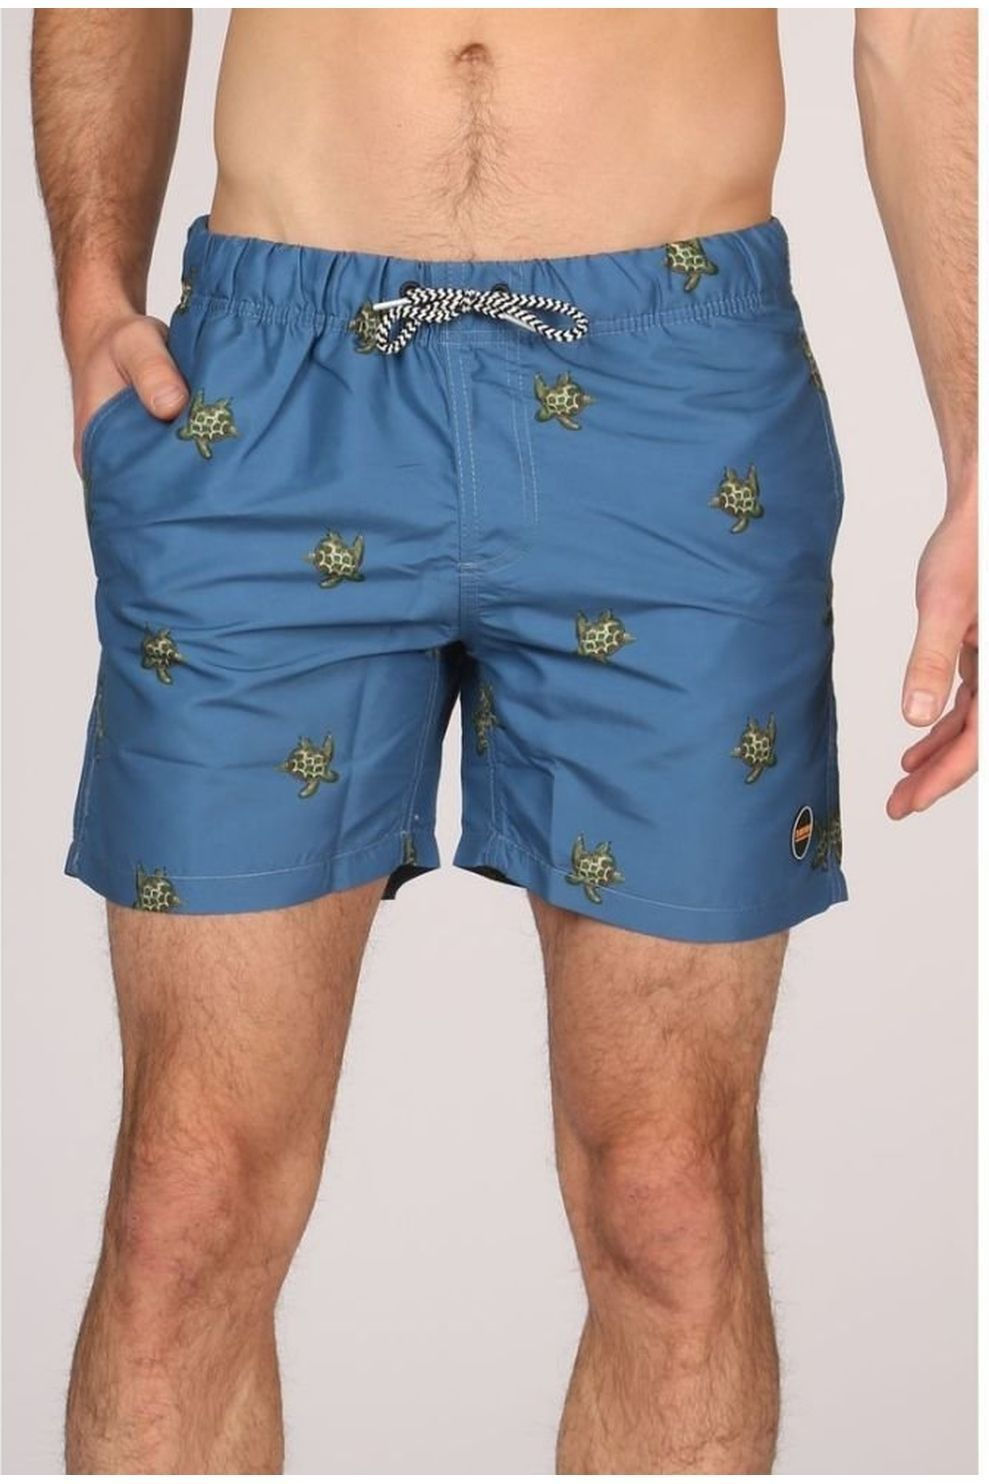 Shiwi Zwemshort Turtle voor heren - Blauw/DonkerGroen - Maten: S, XL